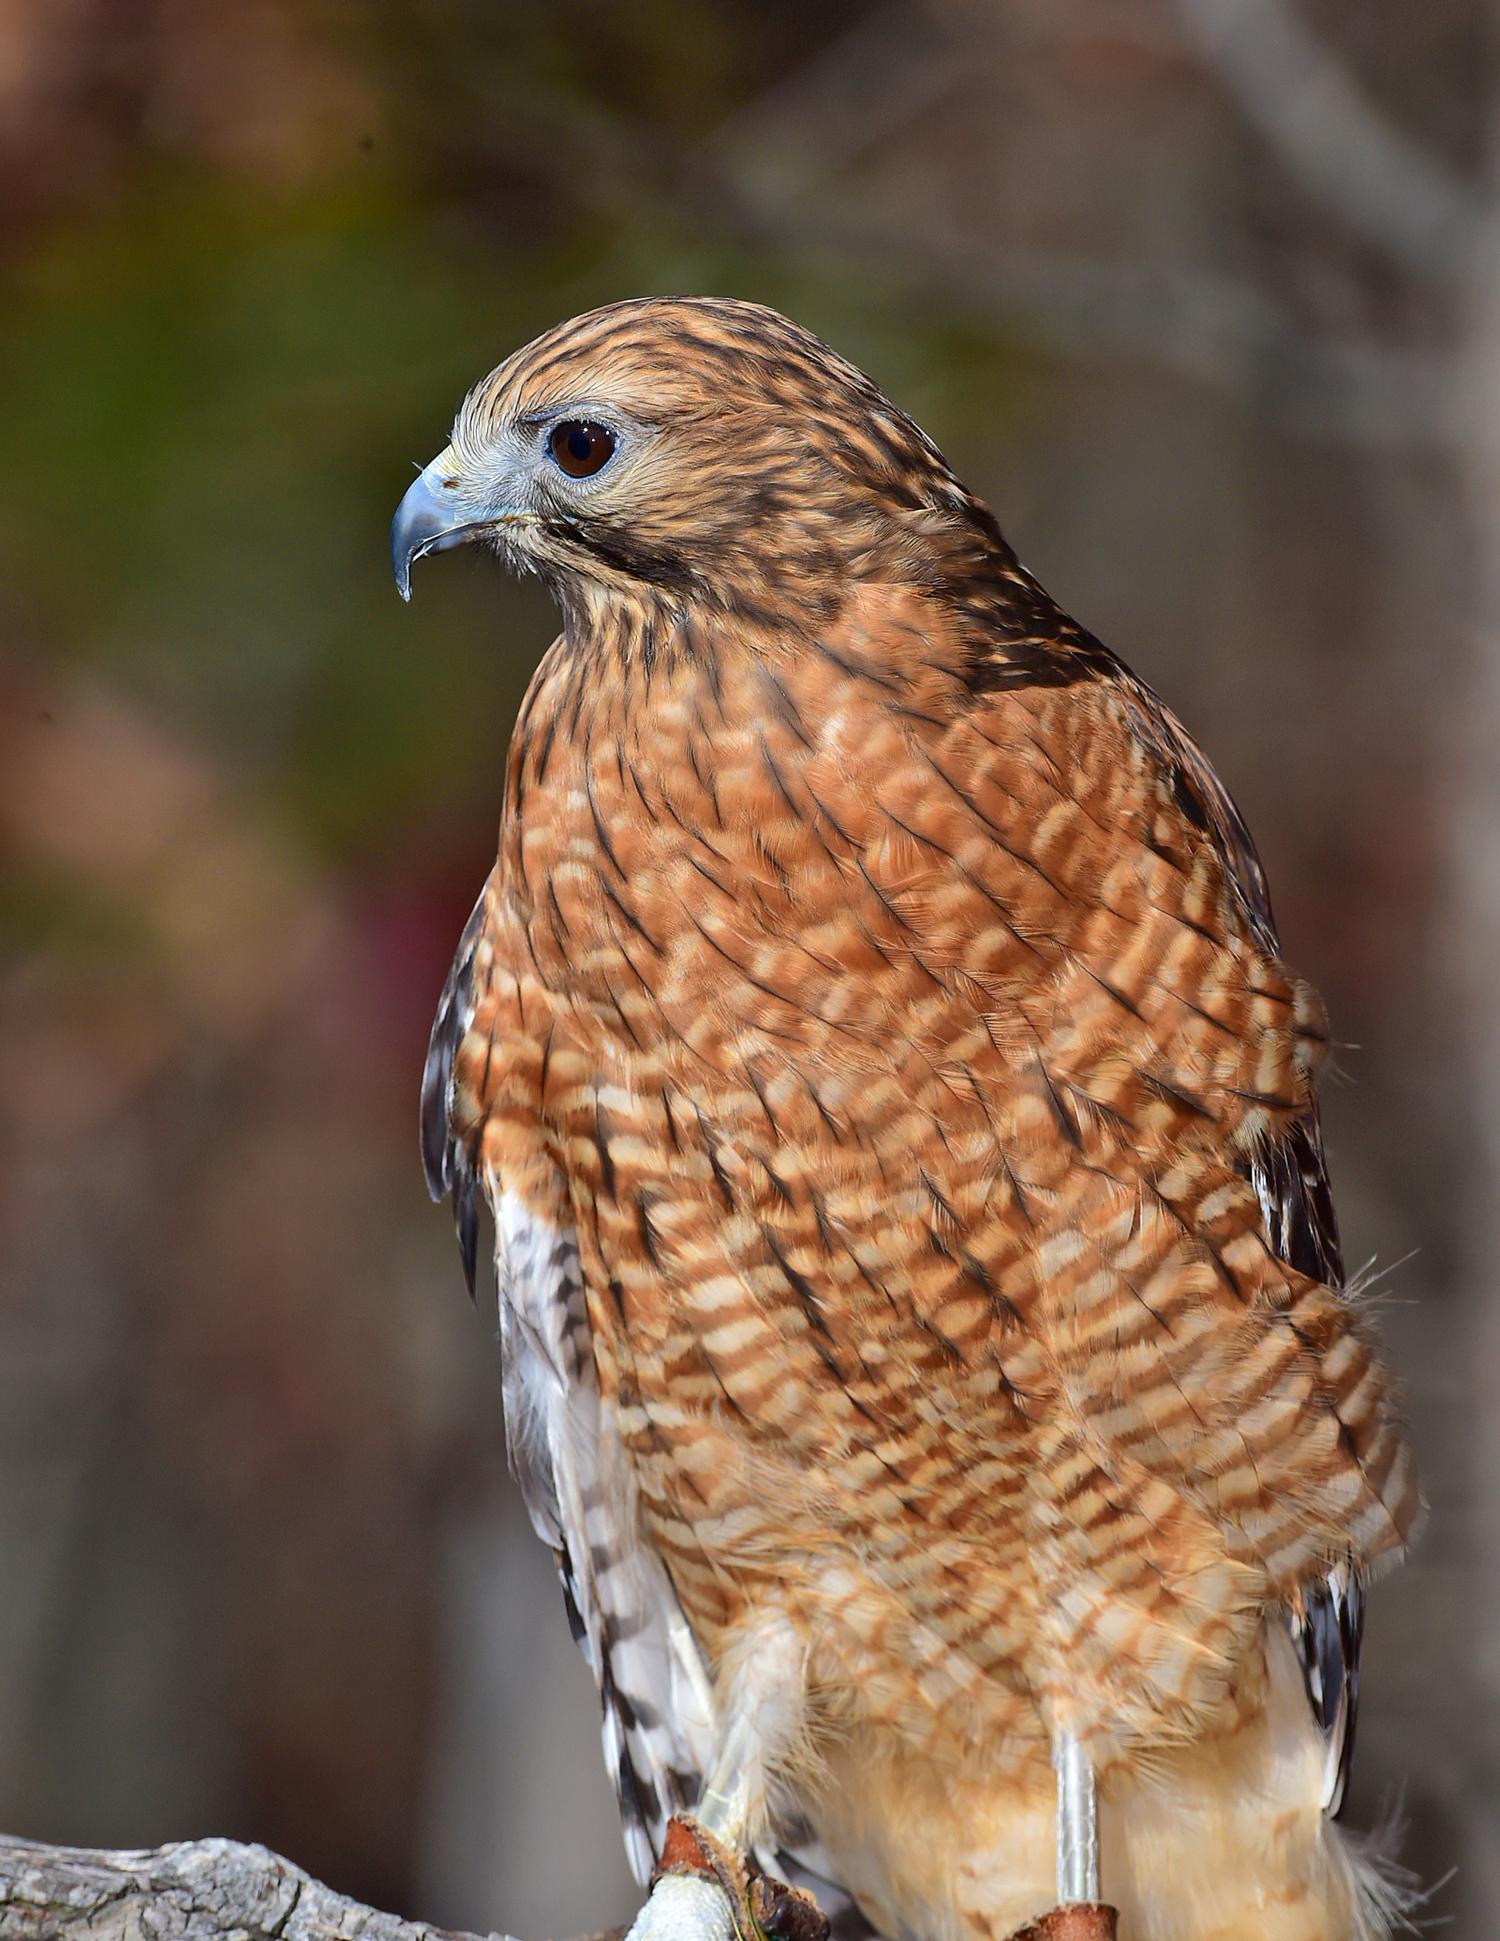 R Streufert Red Shouldered Hawk 2015 11 14